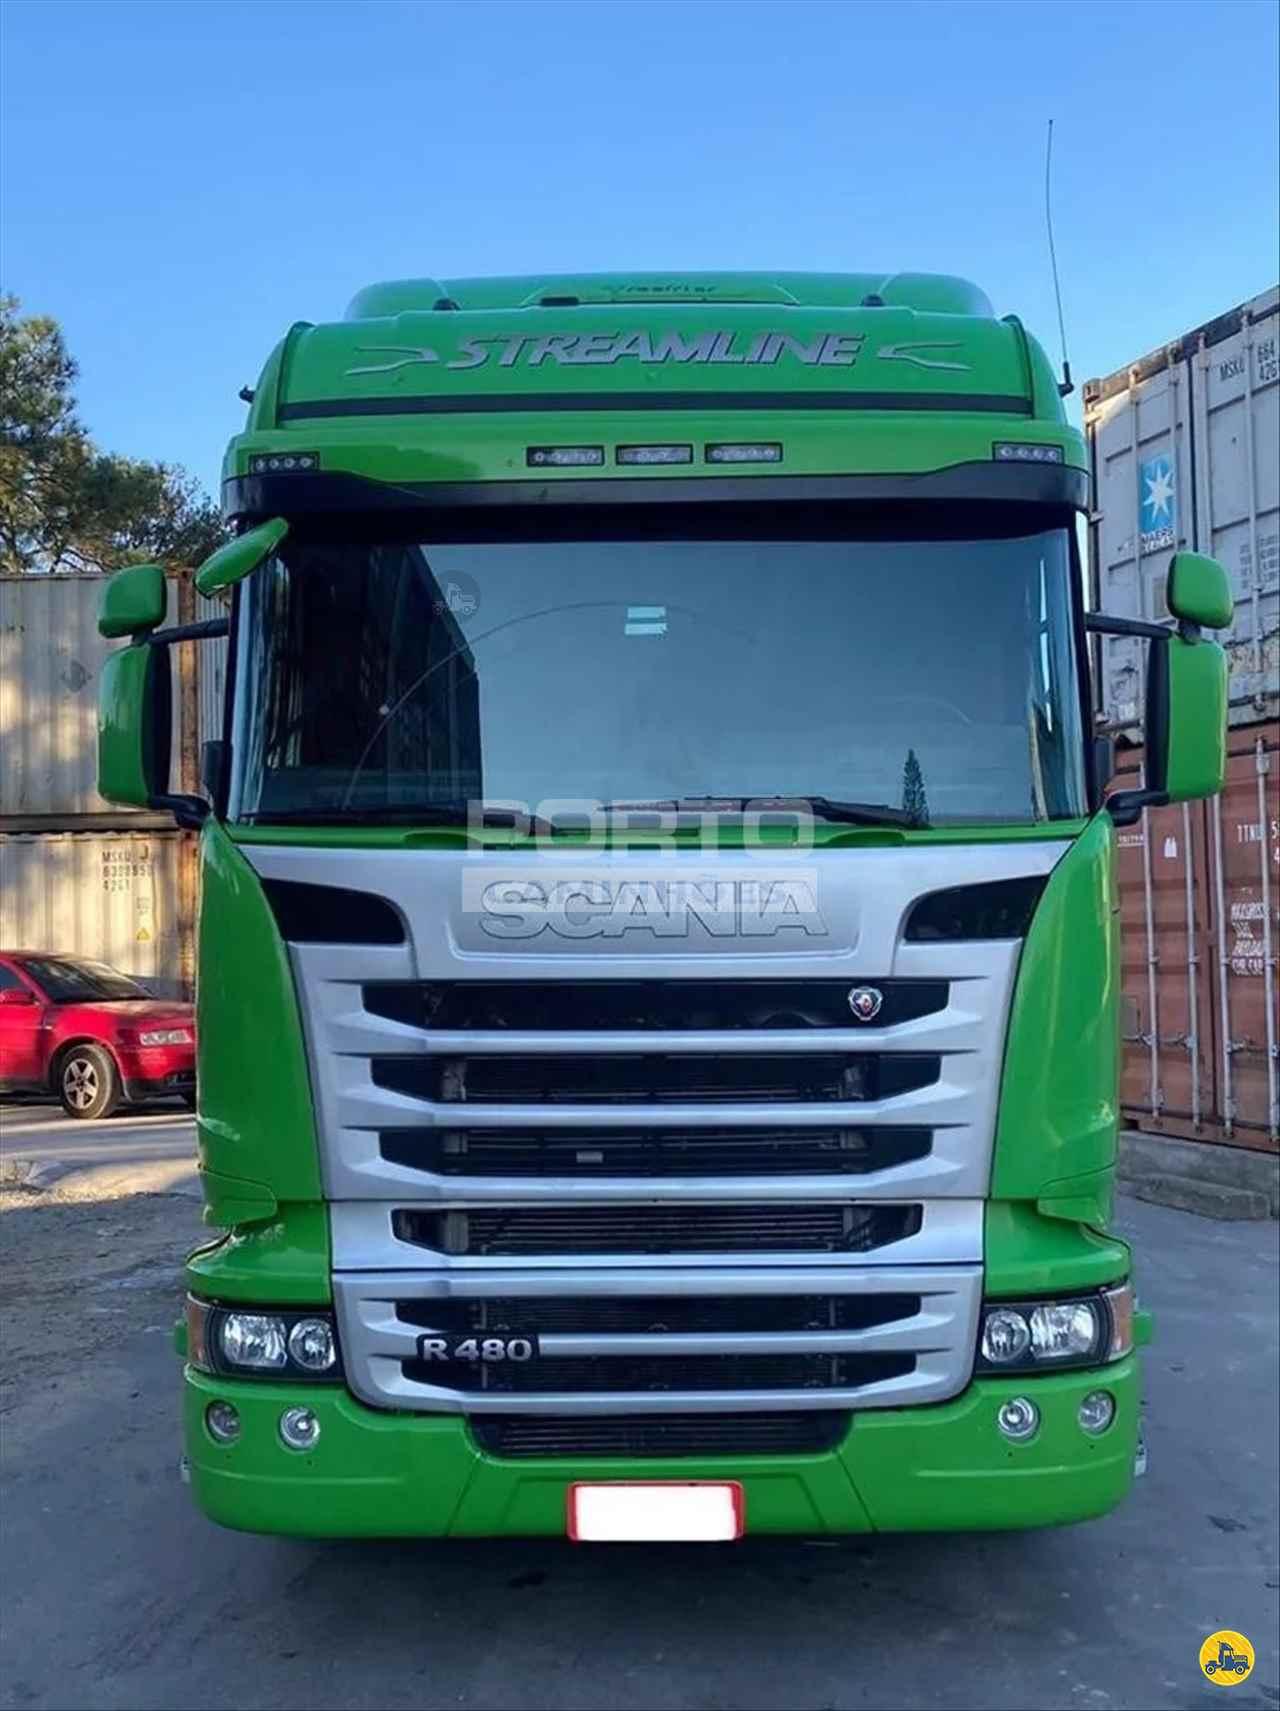 CAMINHAO SCANIA SCANIA 480 Cavalo Mecânico Truck 6x2 Porto Caminhões GUARULHOS SÃO PAULO SP